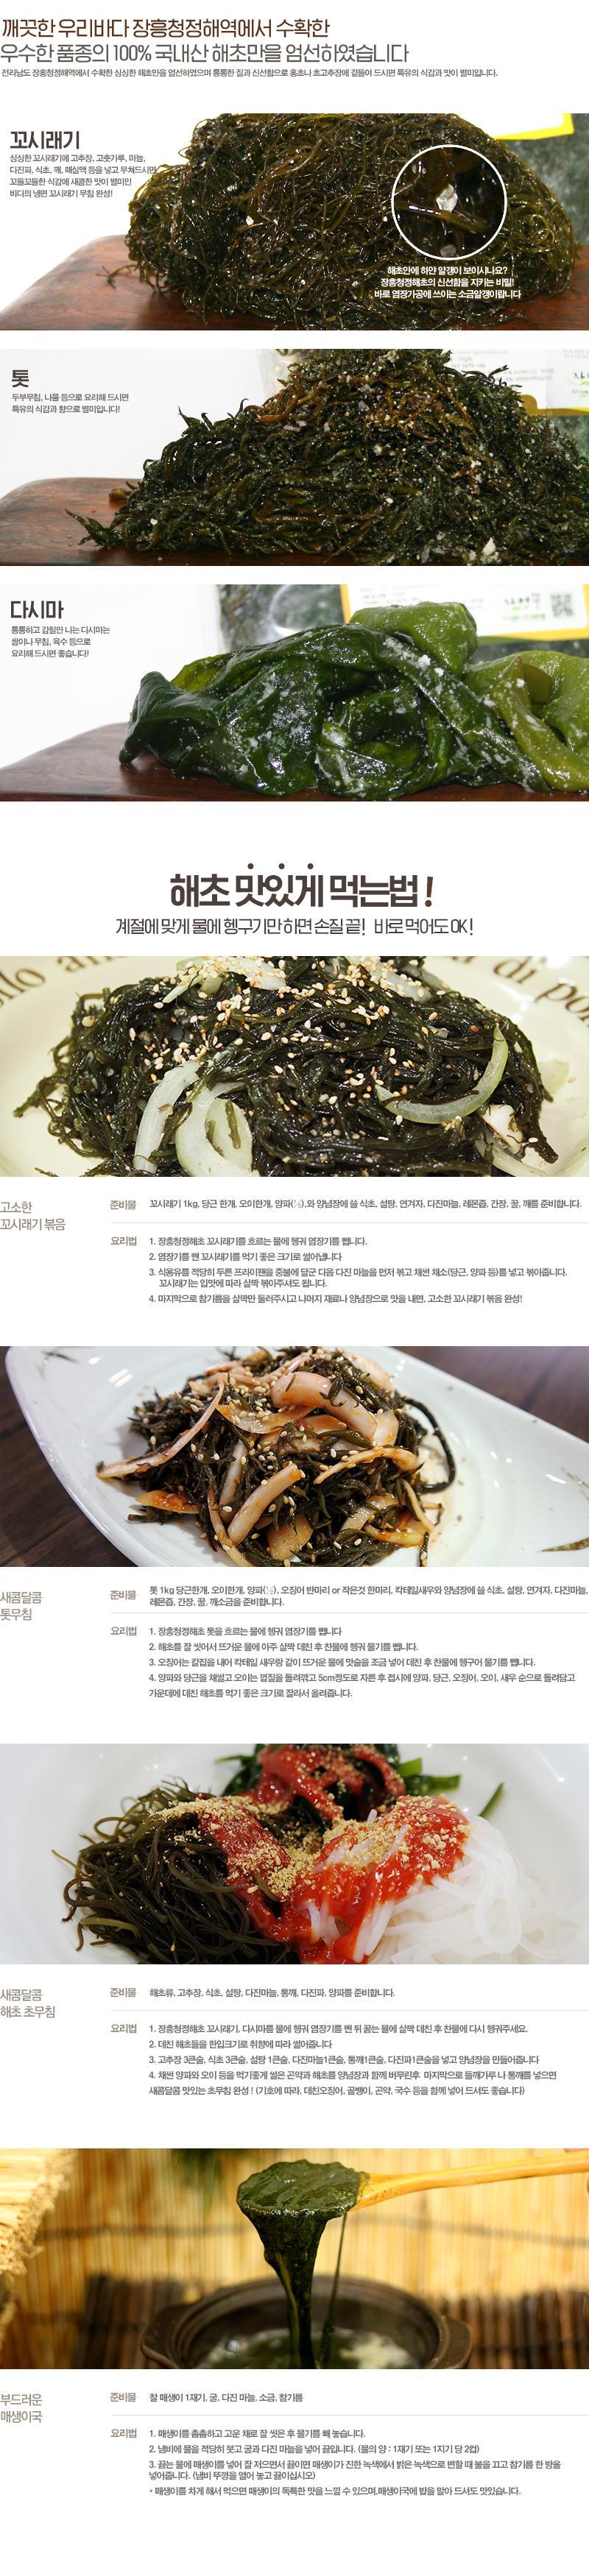 [장흥청정해초] 염장 미역 5kg